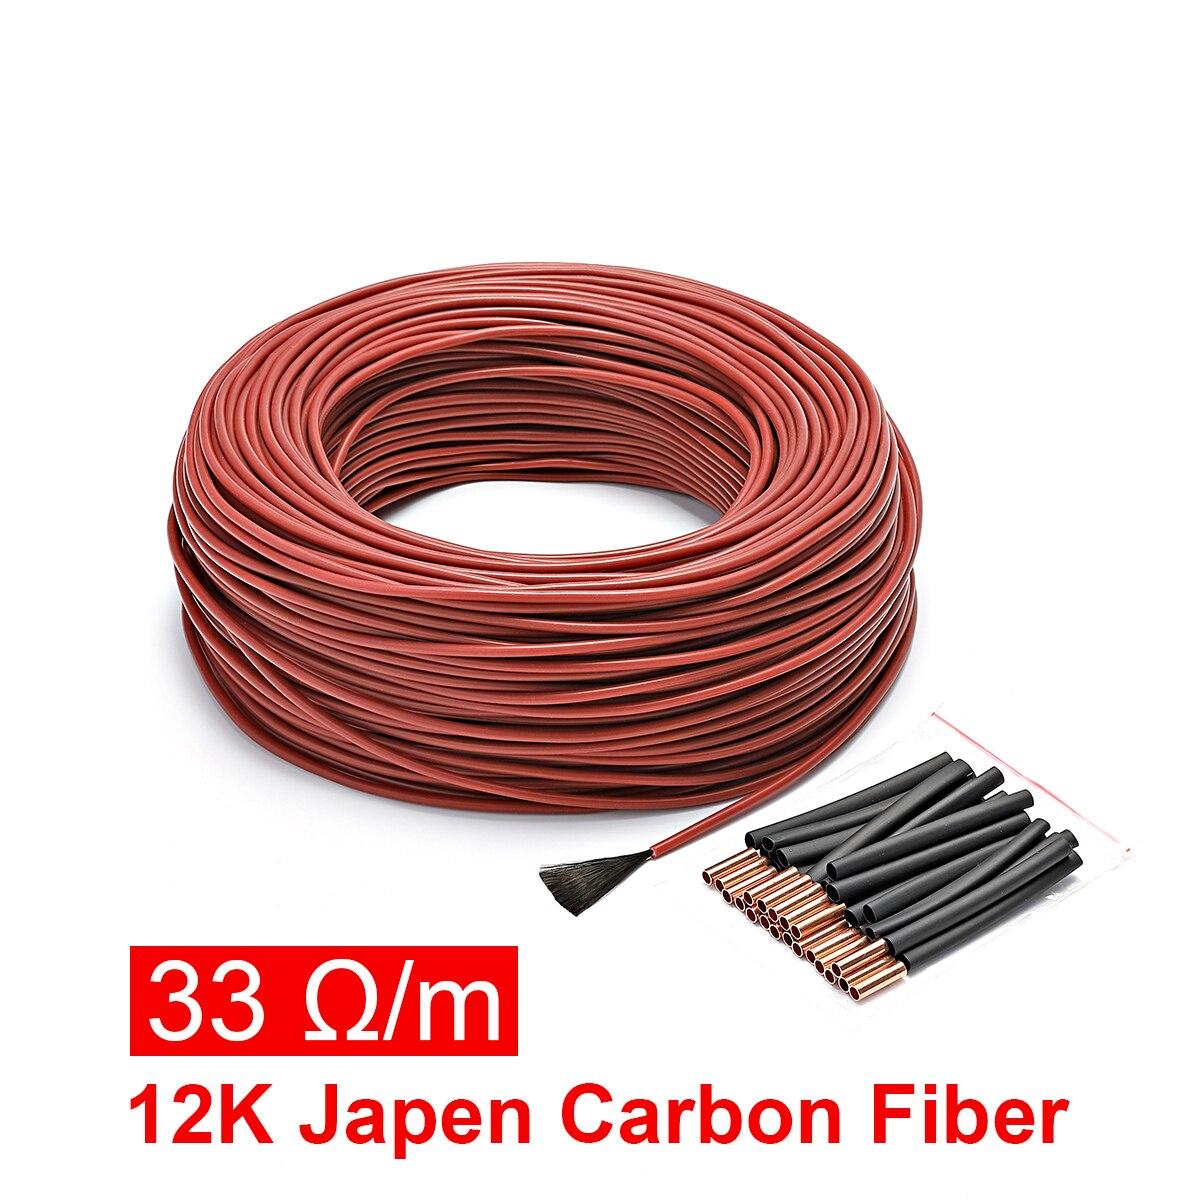 Силиконовая Резина 12K 33ohm углеродное волокно нагревательный кабель провод для обогрева пола, электрическая высокого качества нагревательн...